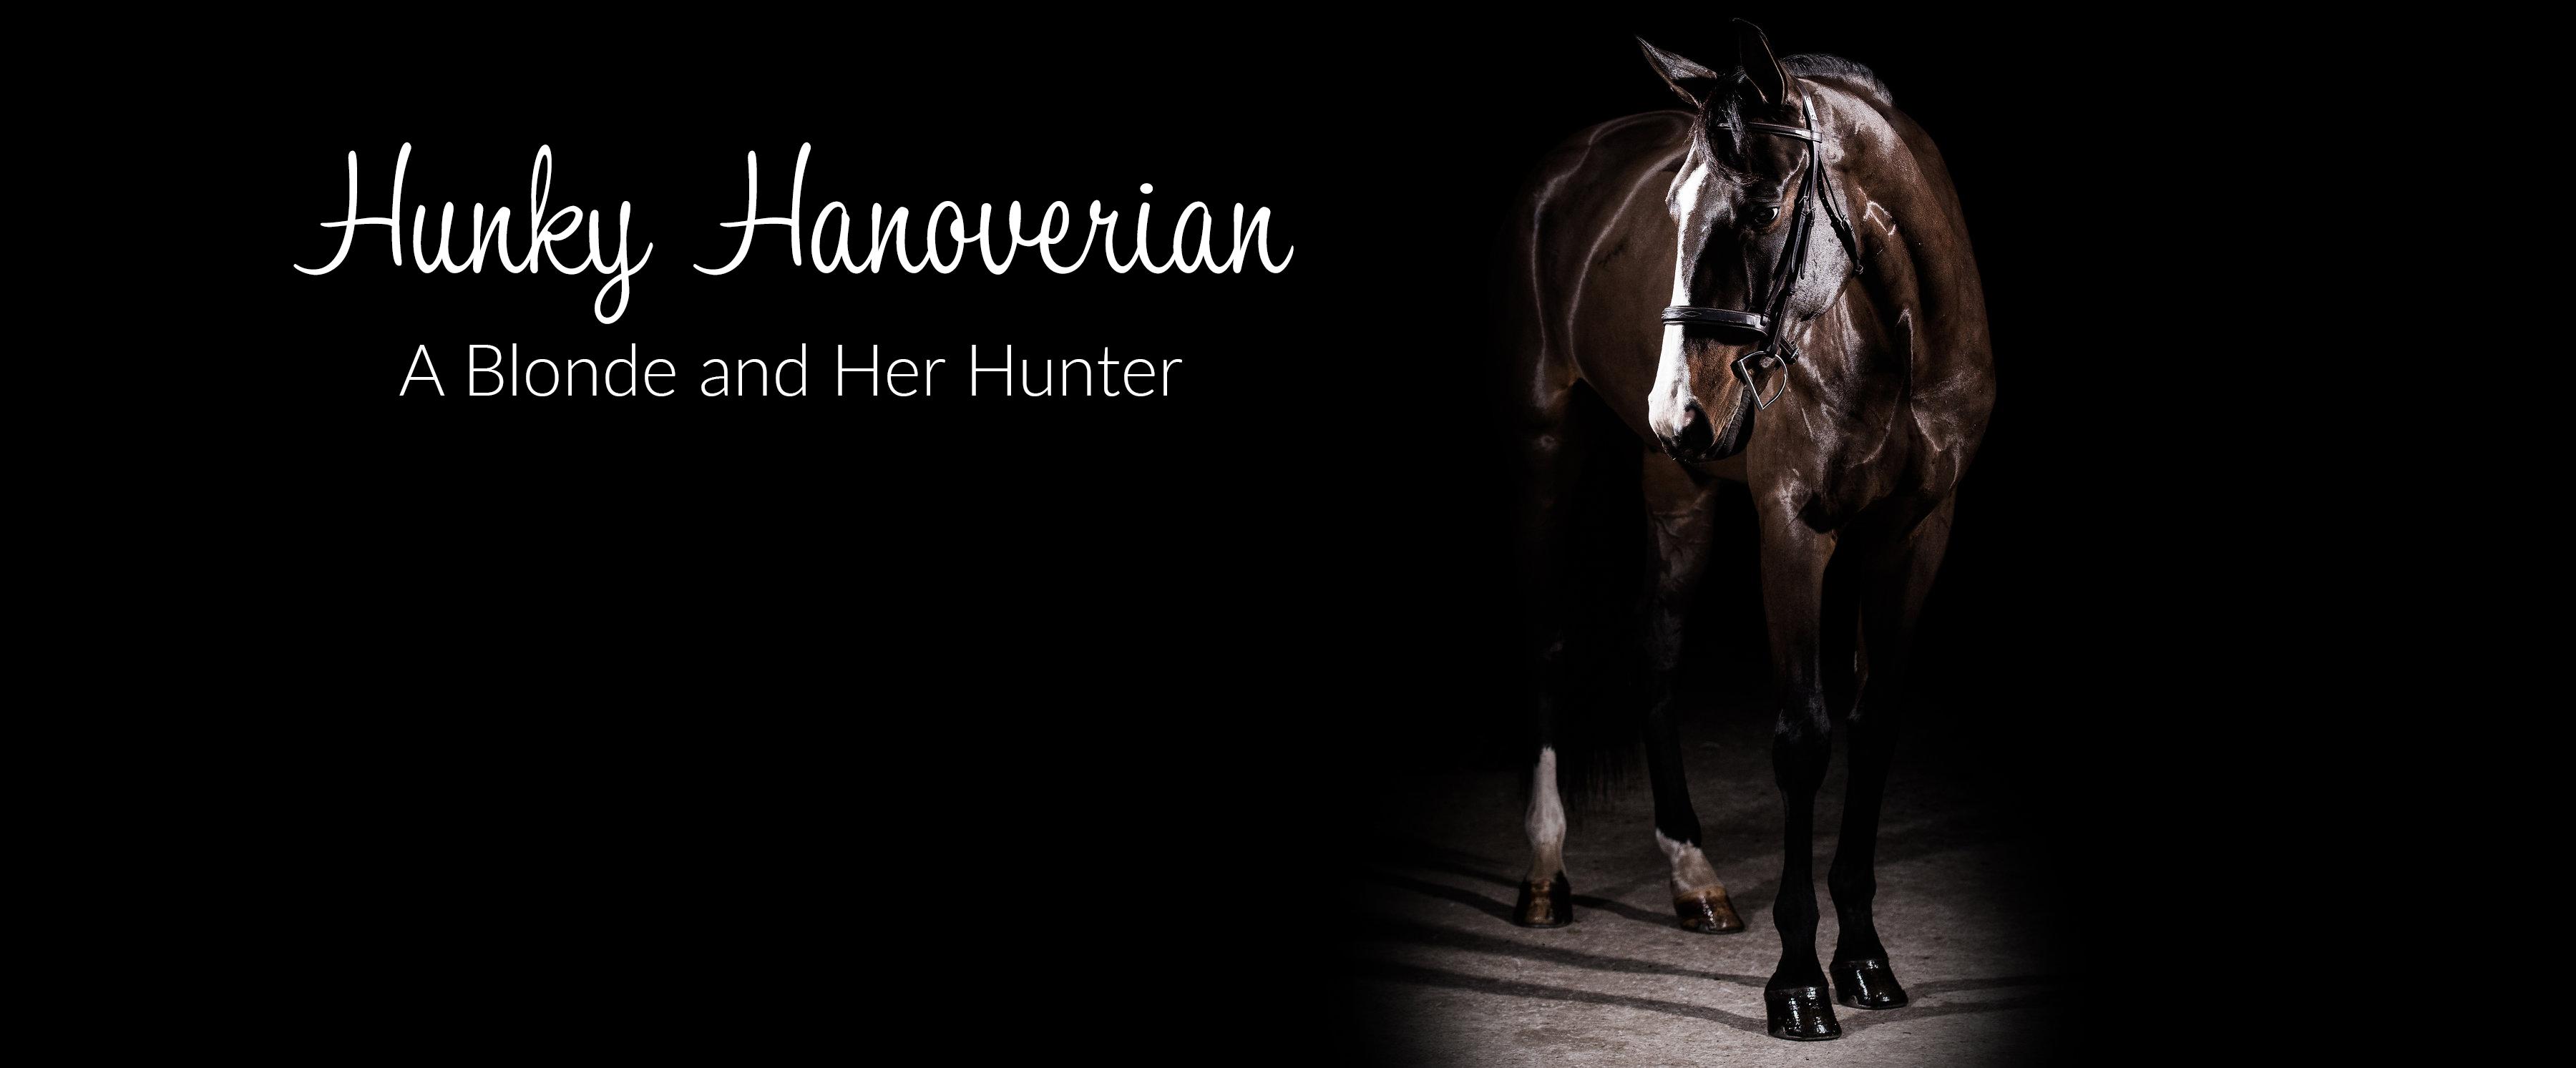 Hunky Hanoverian